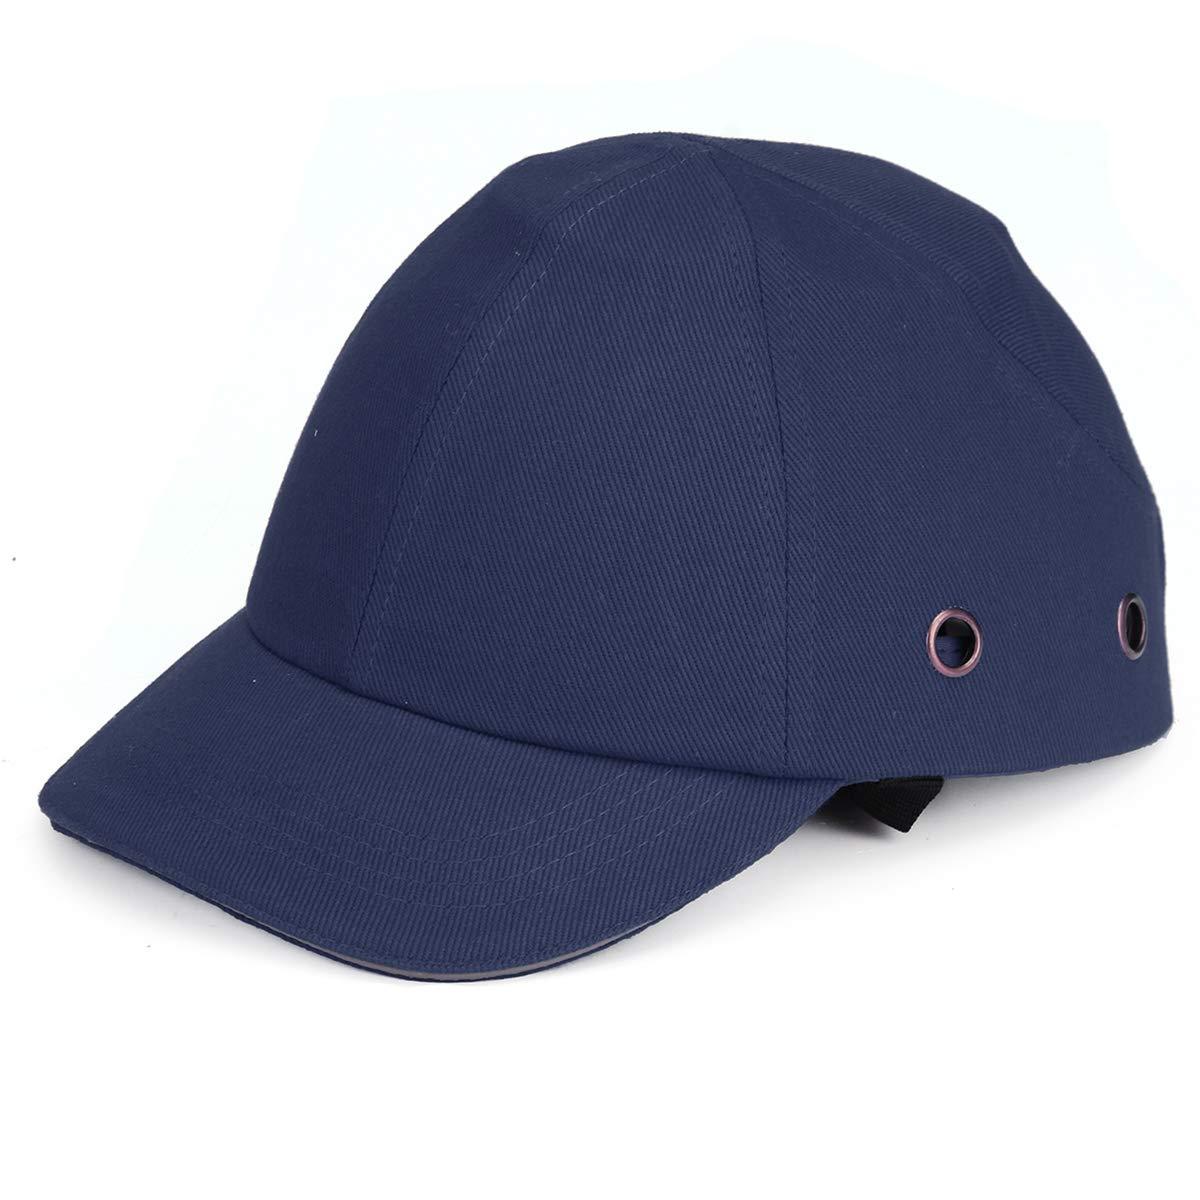 Rosso Viviance Mezza Faccia Casco Baseball Stile Cappello Duro Vent Cool Protettivo Bump Cap Sicurezza Workwear